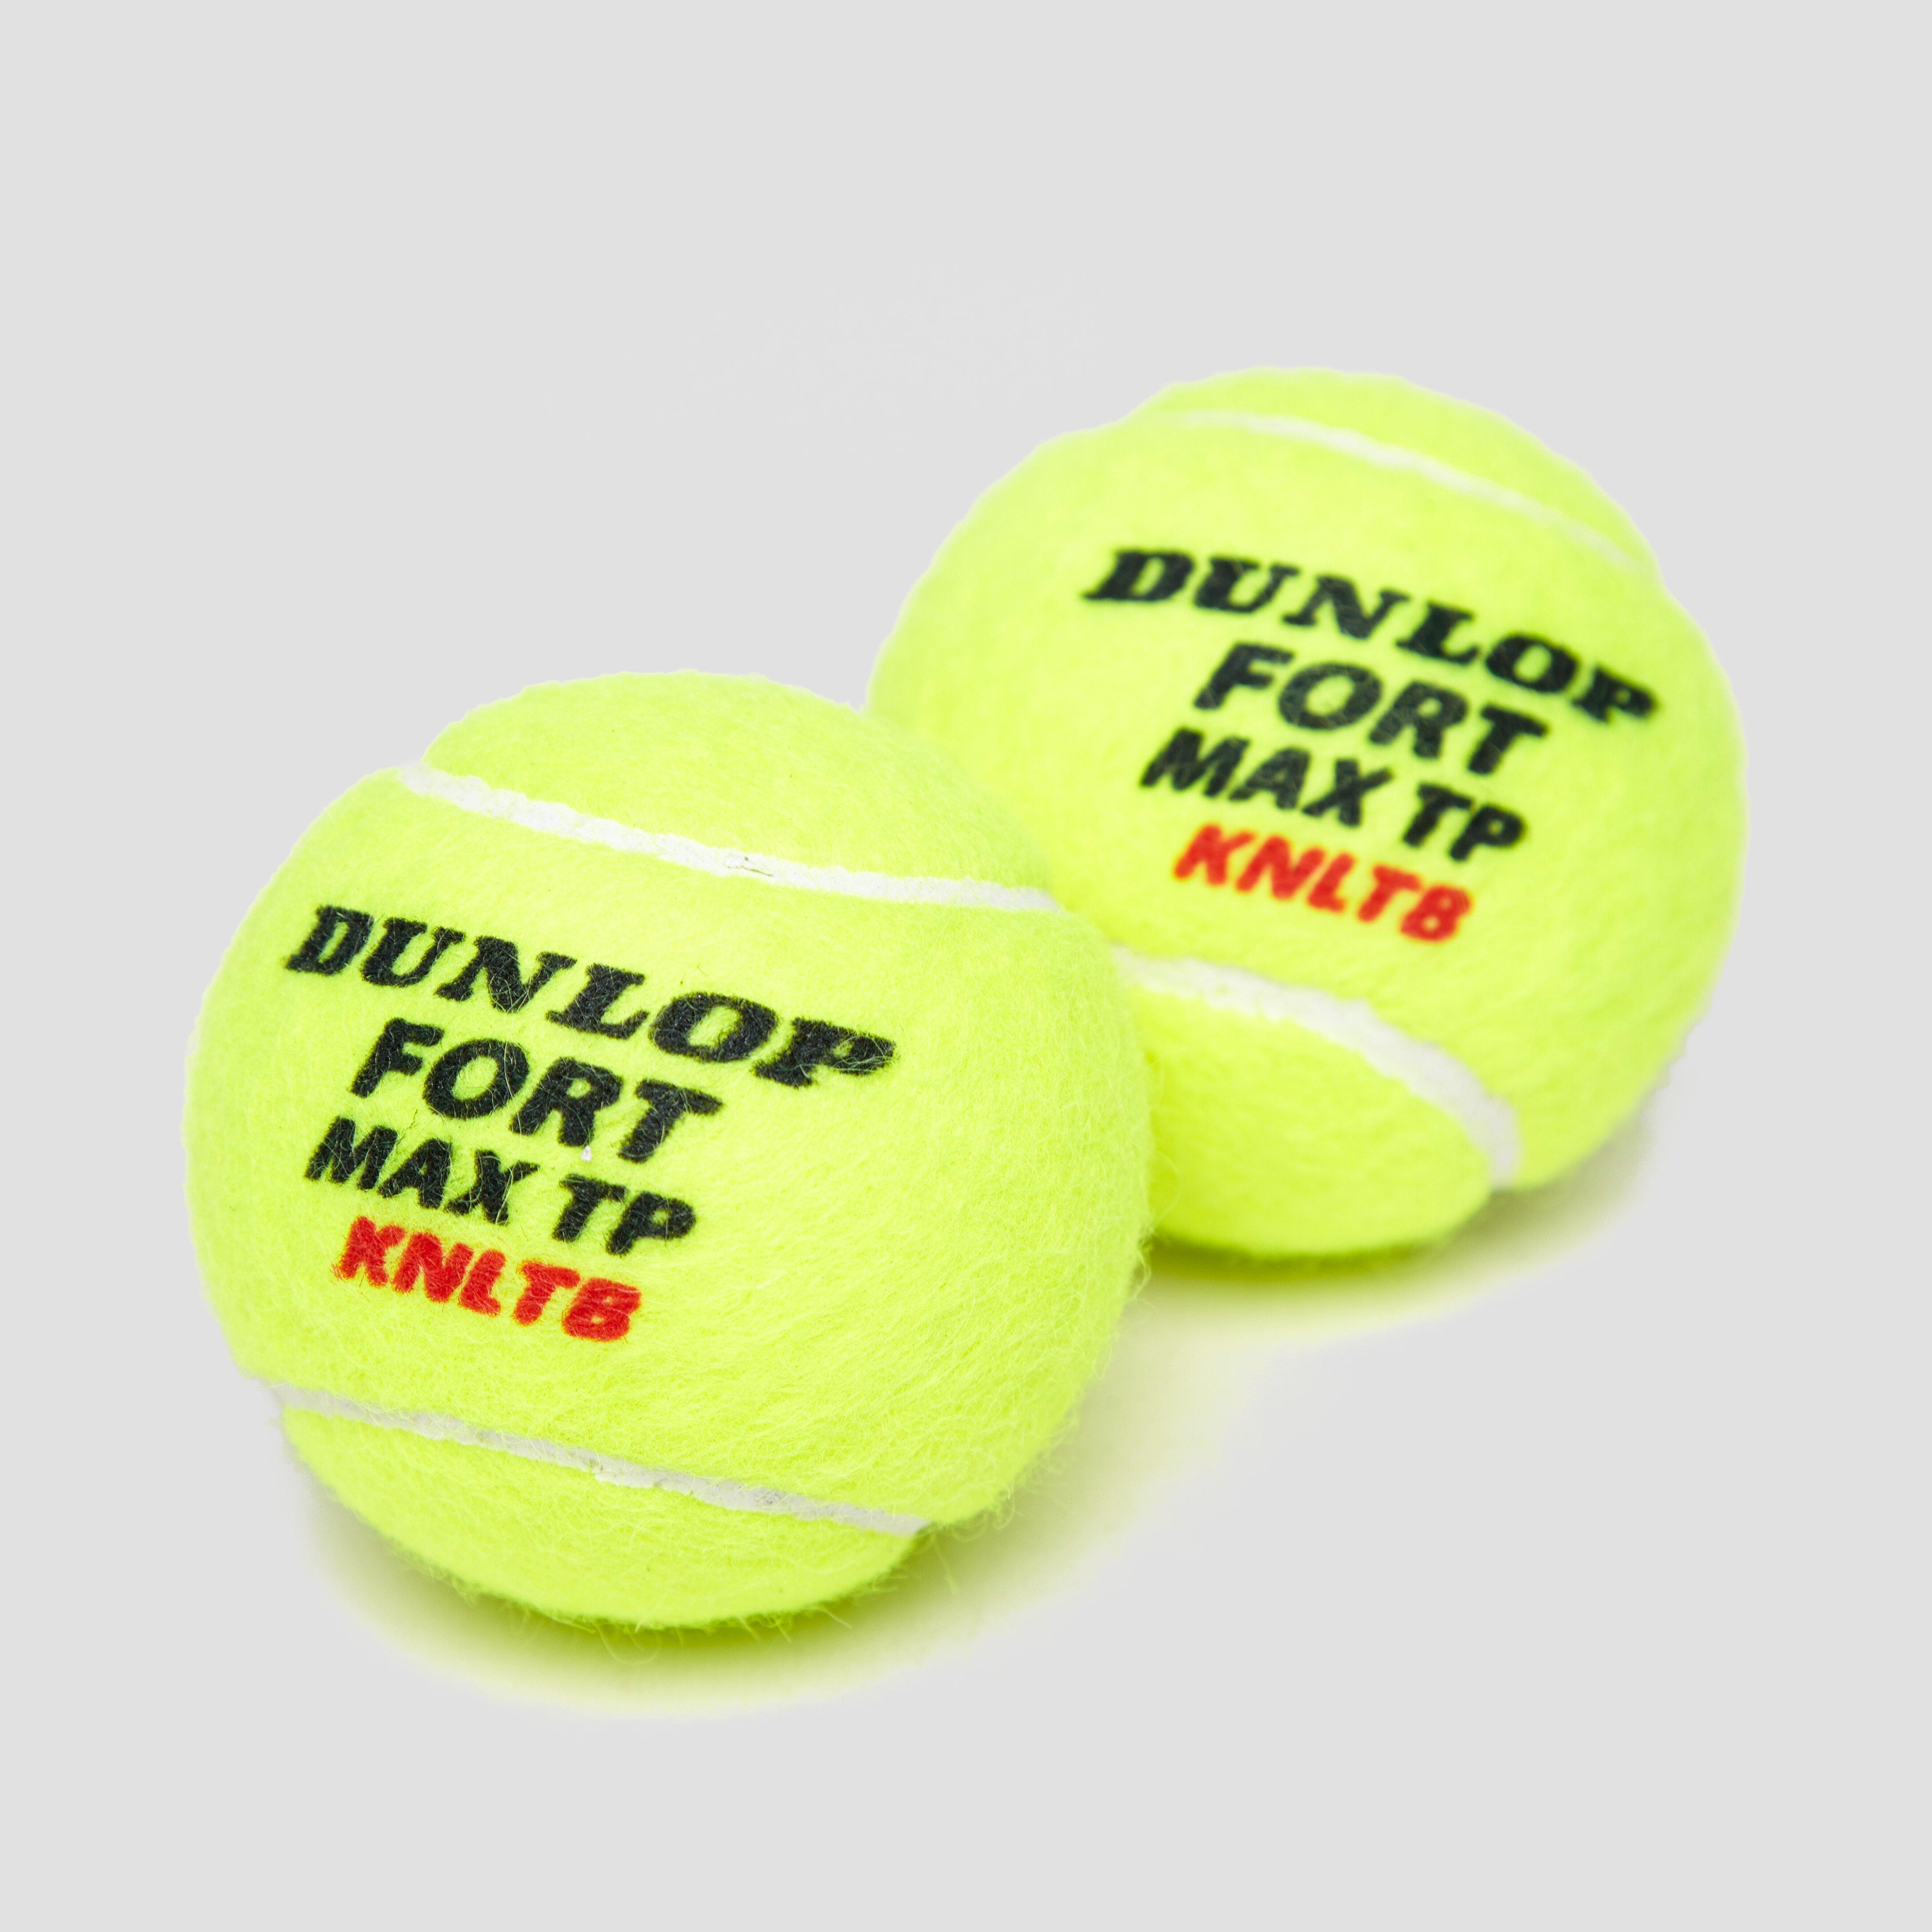 DUNLOP FORT MAX TP 4-PACK TENNISBALLEN GEEL